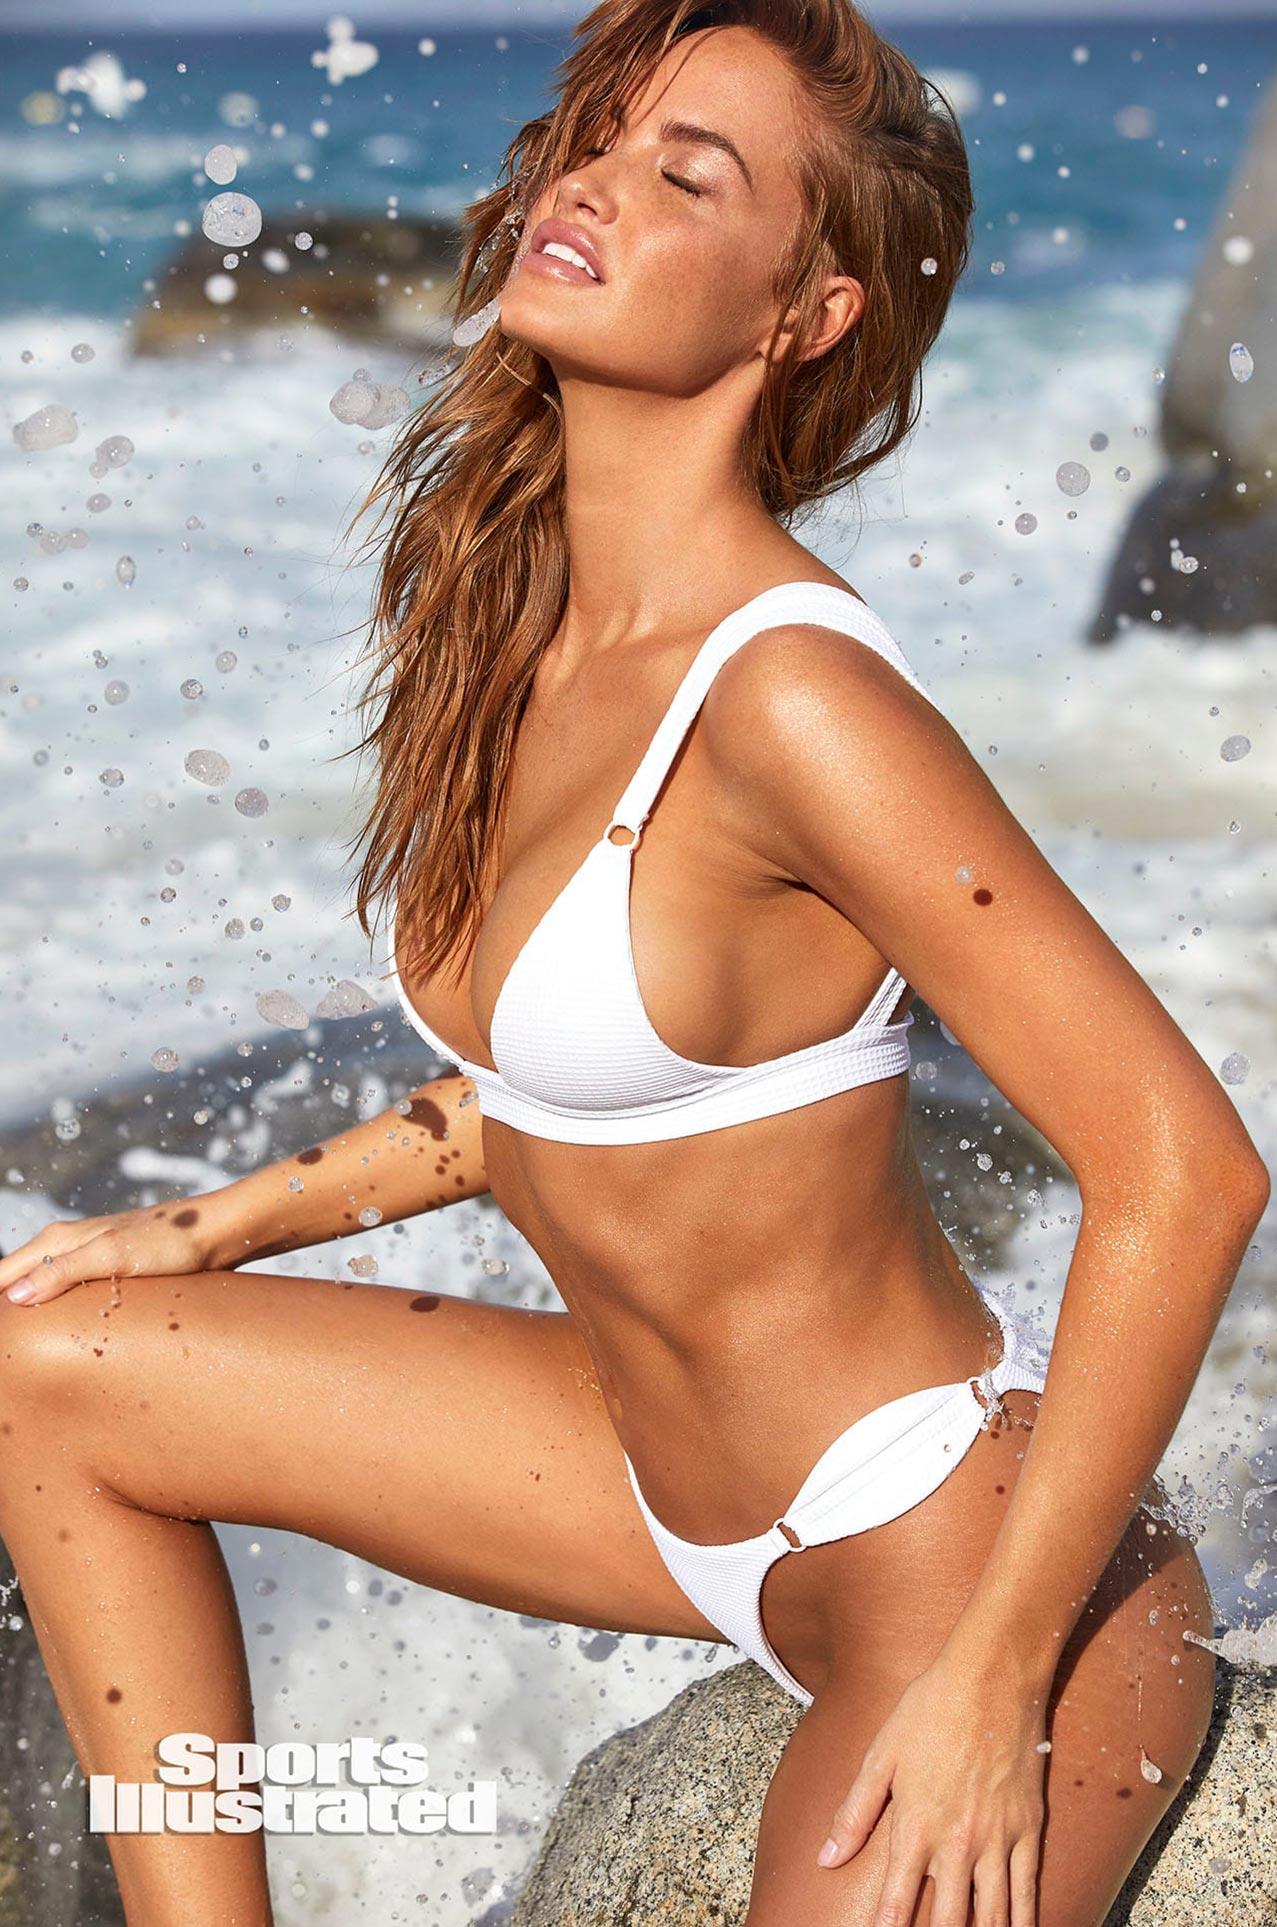 Хейли Калил в каталоге купальников Sports Illustrated Swimsuit 2020 / фото 30